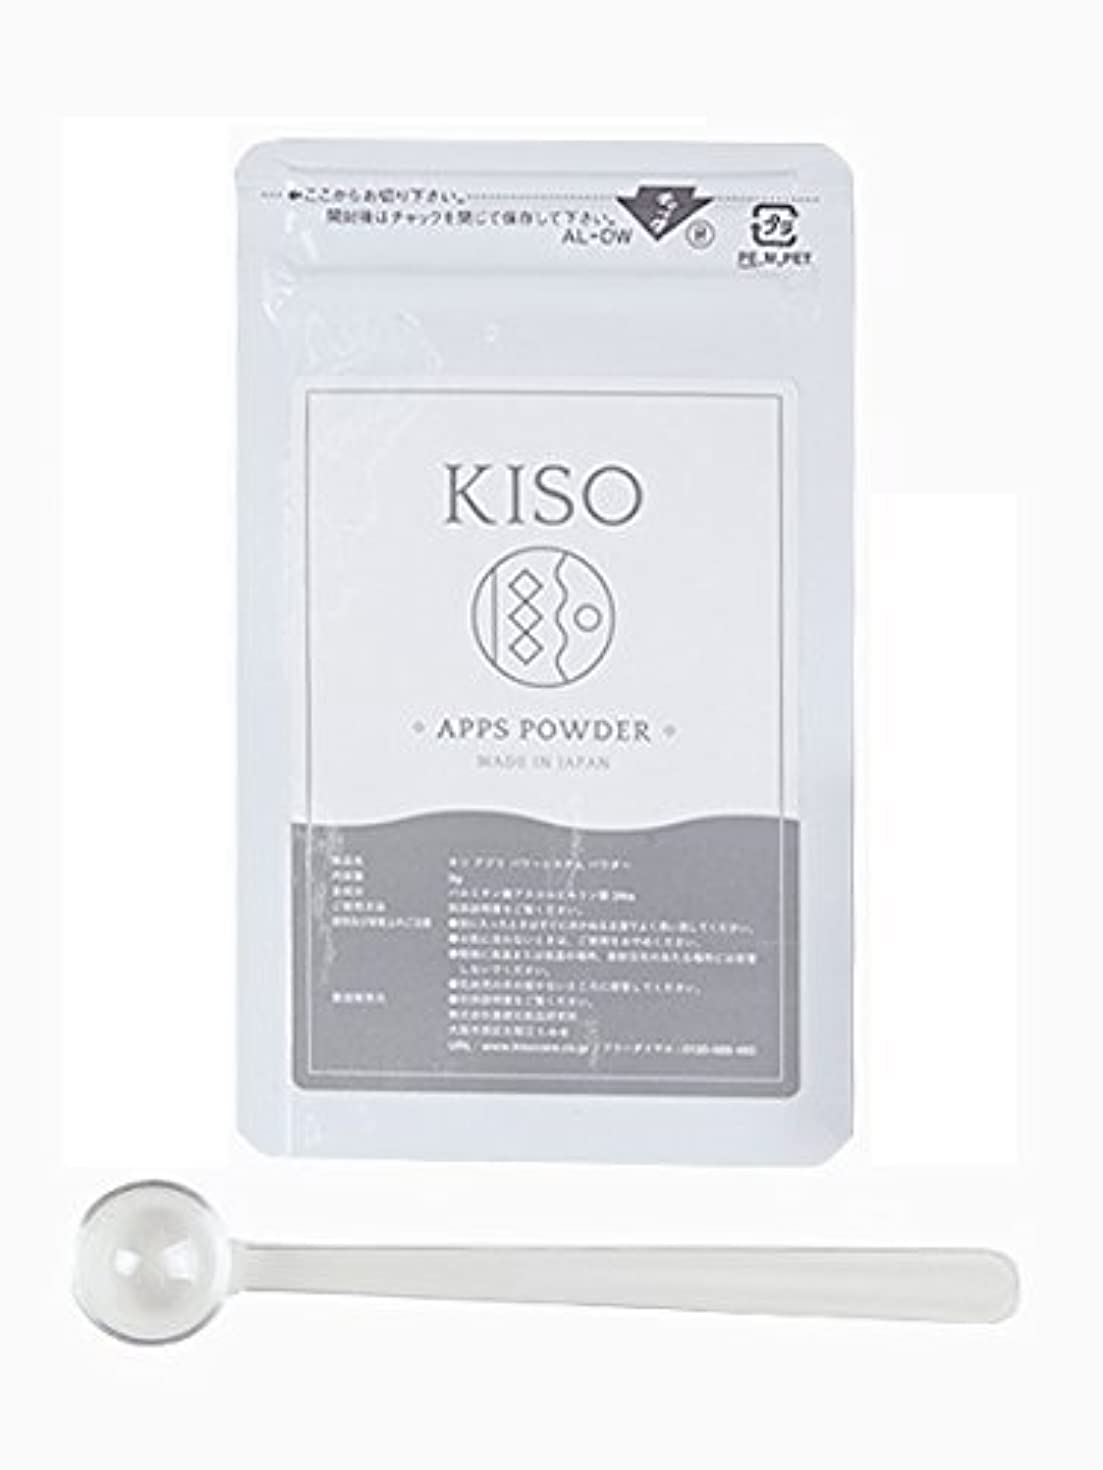 子音キャンプ許容できるKISO 【APPS POWDER 3g】次世代型ビタミンC誘導体100%パウダー 「アプレシエ」1%化粧水なら300mL分/日本製